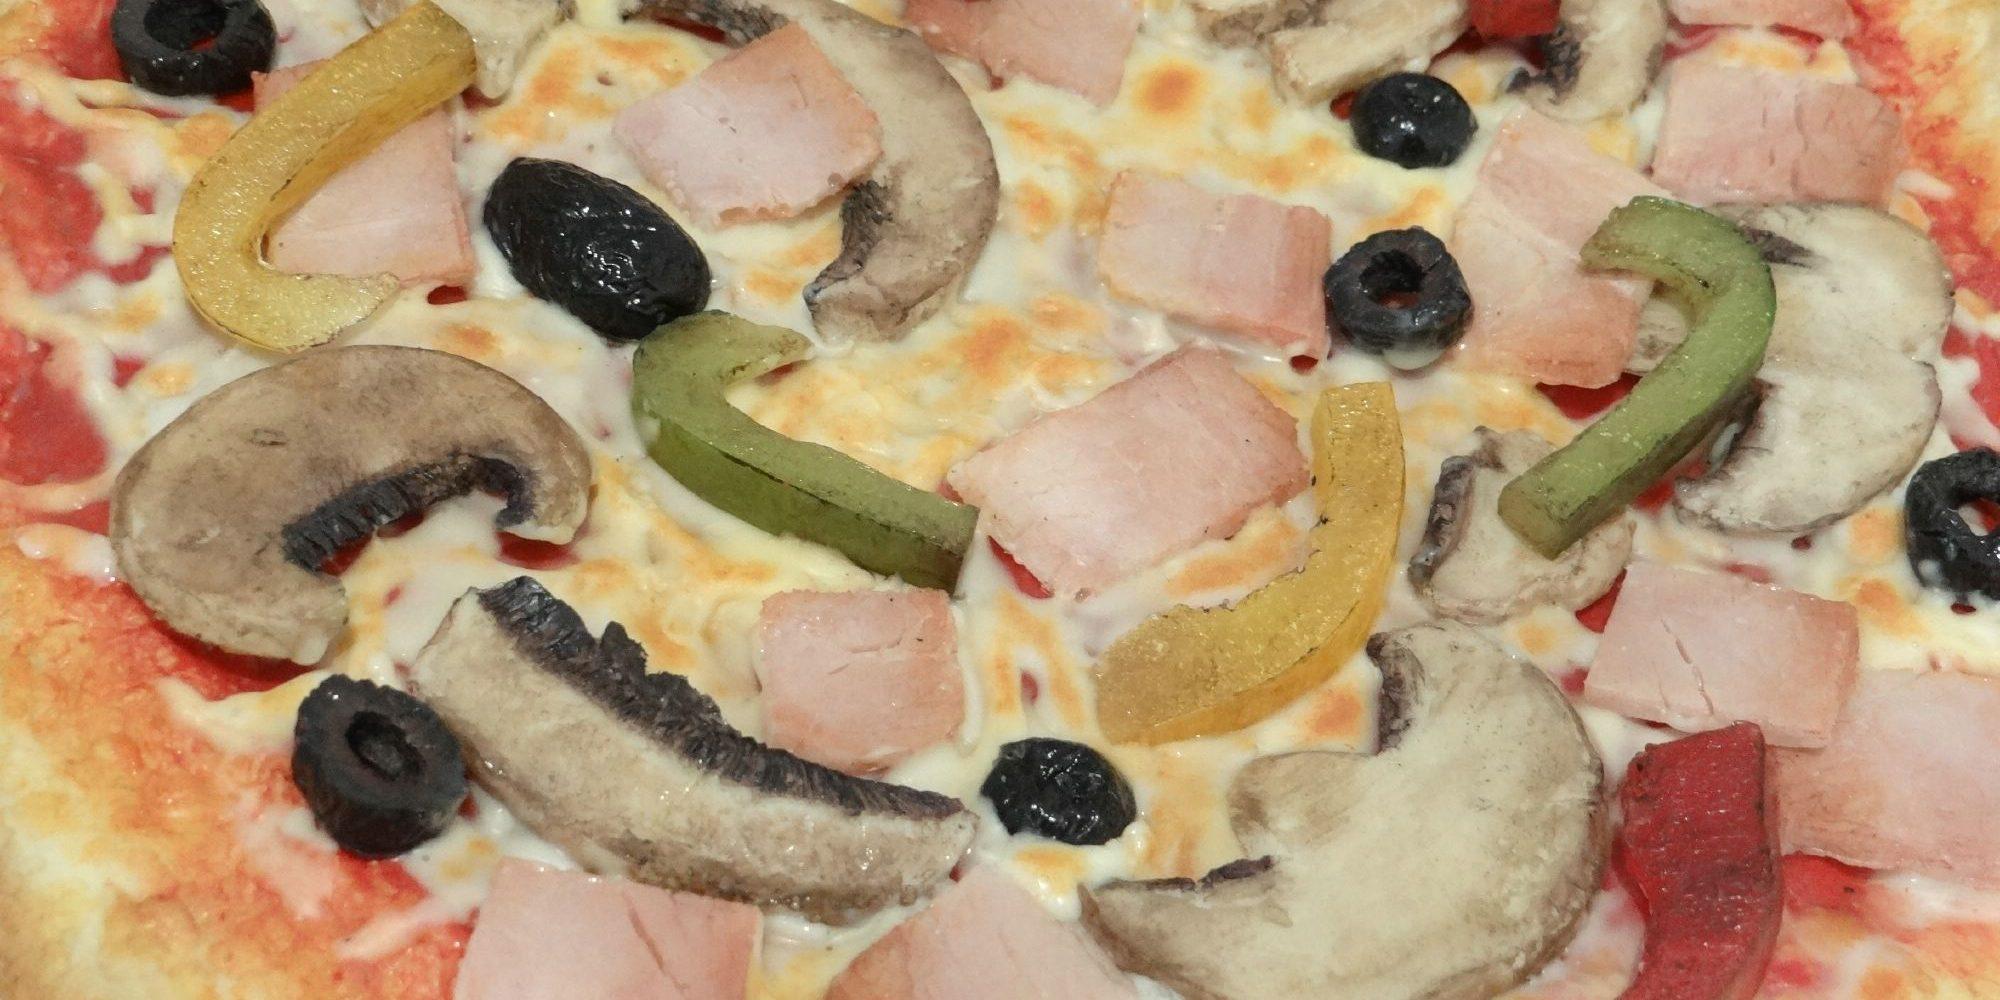 découvrez le détail des éléments qui composent la pizza factice